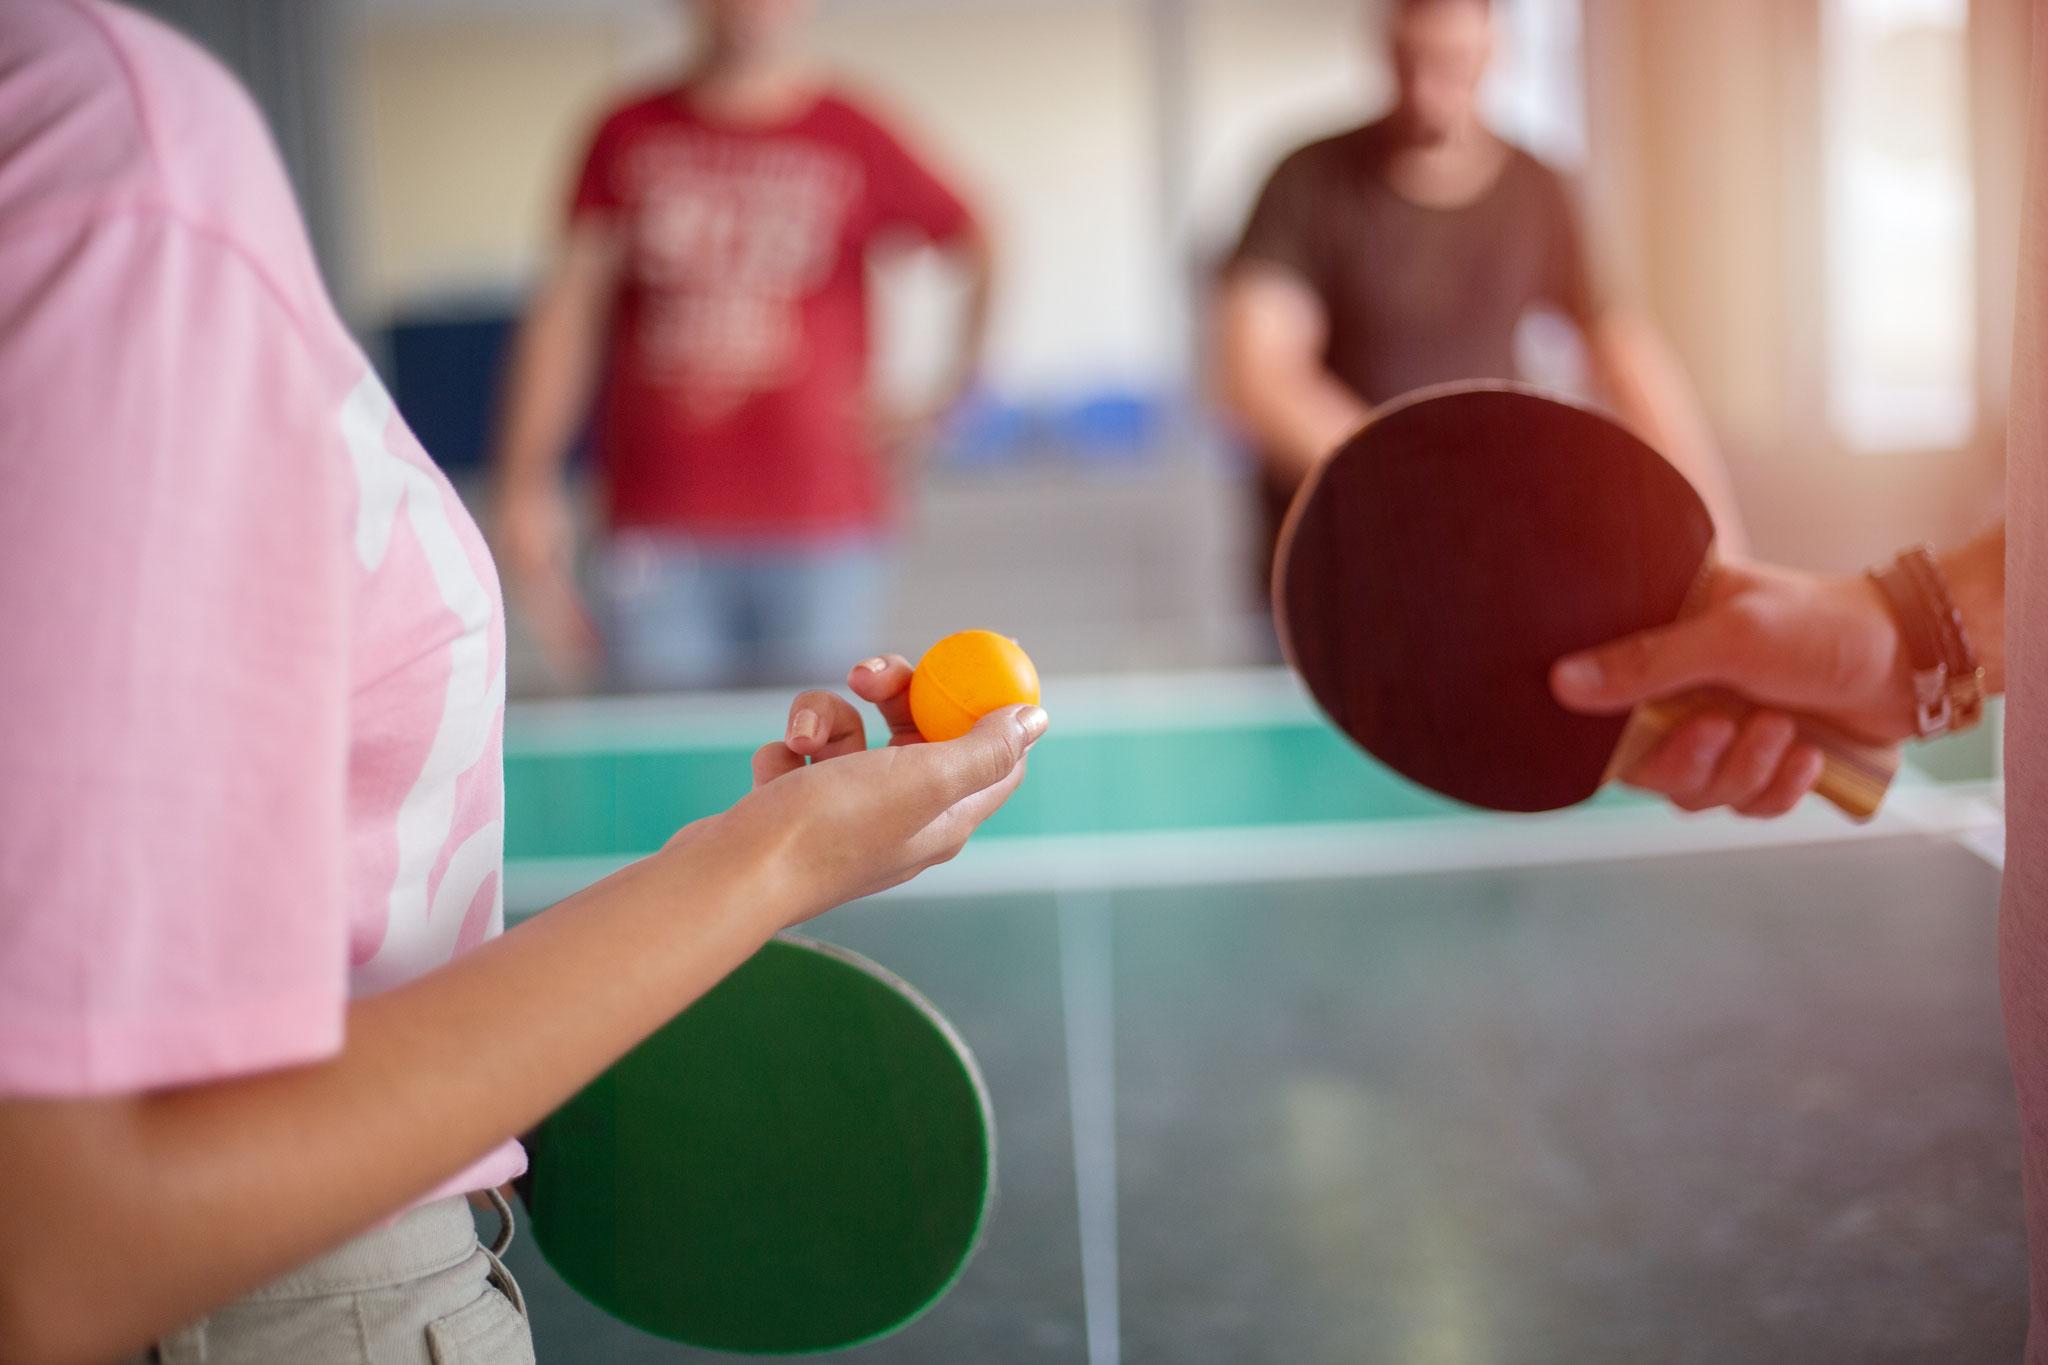 Sa+So, 17.+18.07. | 09.00-12.00 Uhr: Schülerfrühstück, Kickern und Tischtennis im Stadtteilzentrum Biesdorf © serkan, Adobe Stock